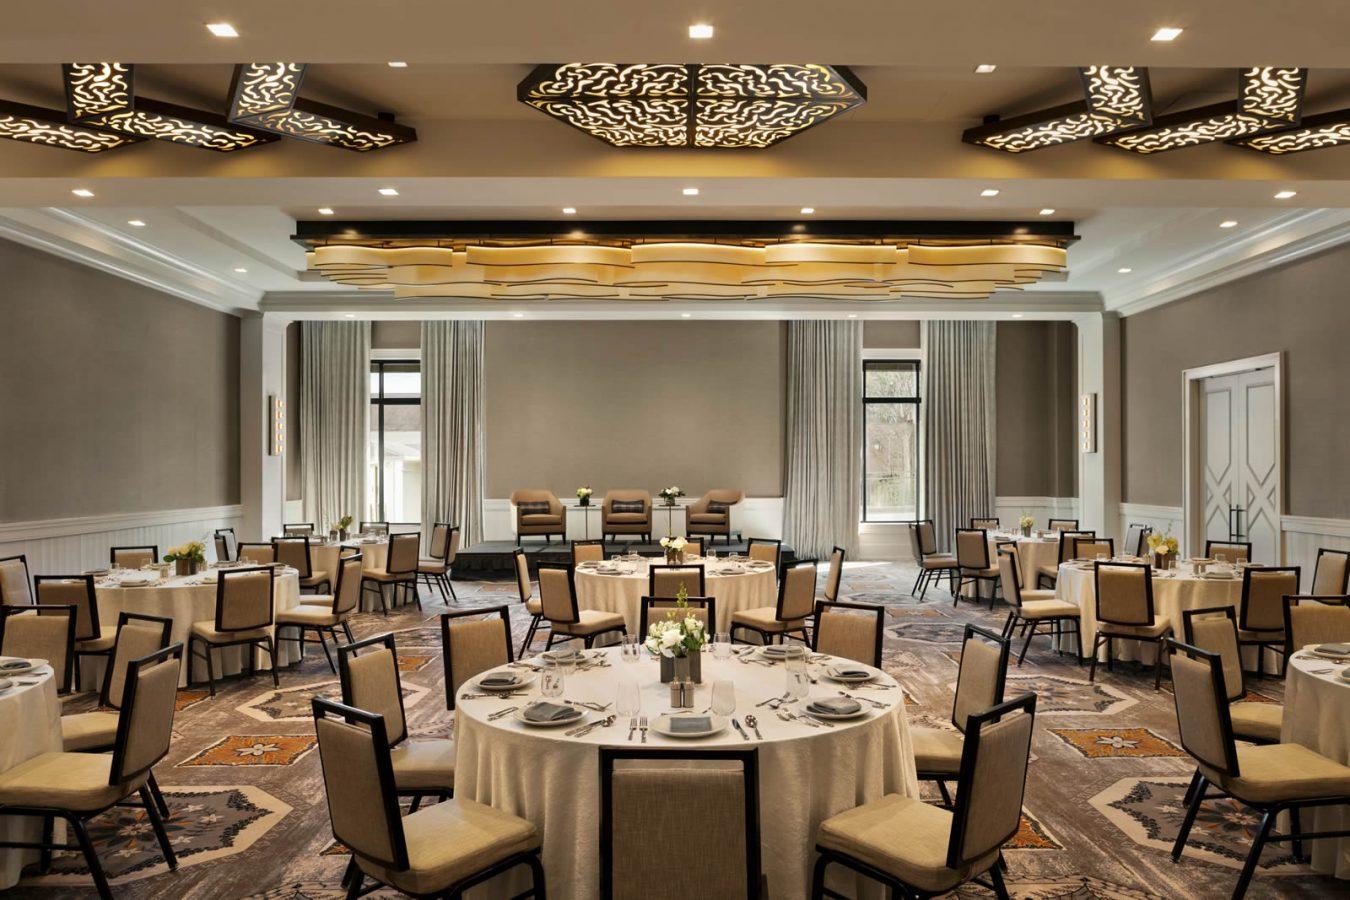 Riverside Ballroom set up for a banquet event